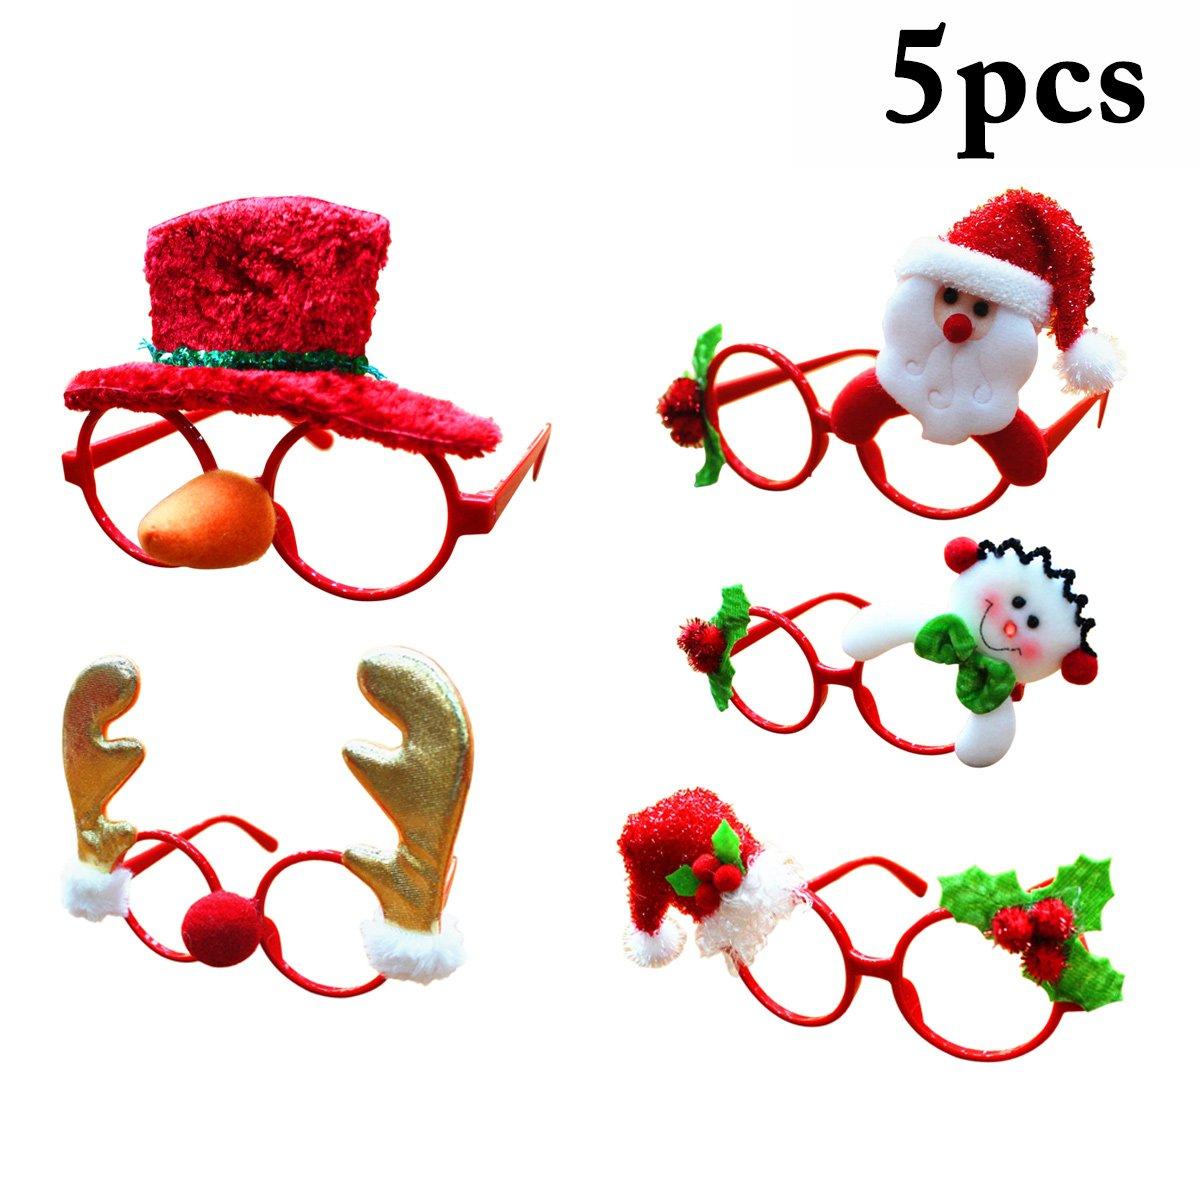 5Pcs Christmas Glasses Frame Santa Claus Deer Snowman Glasses Frame For Kids